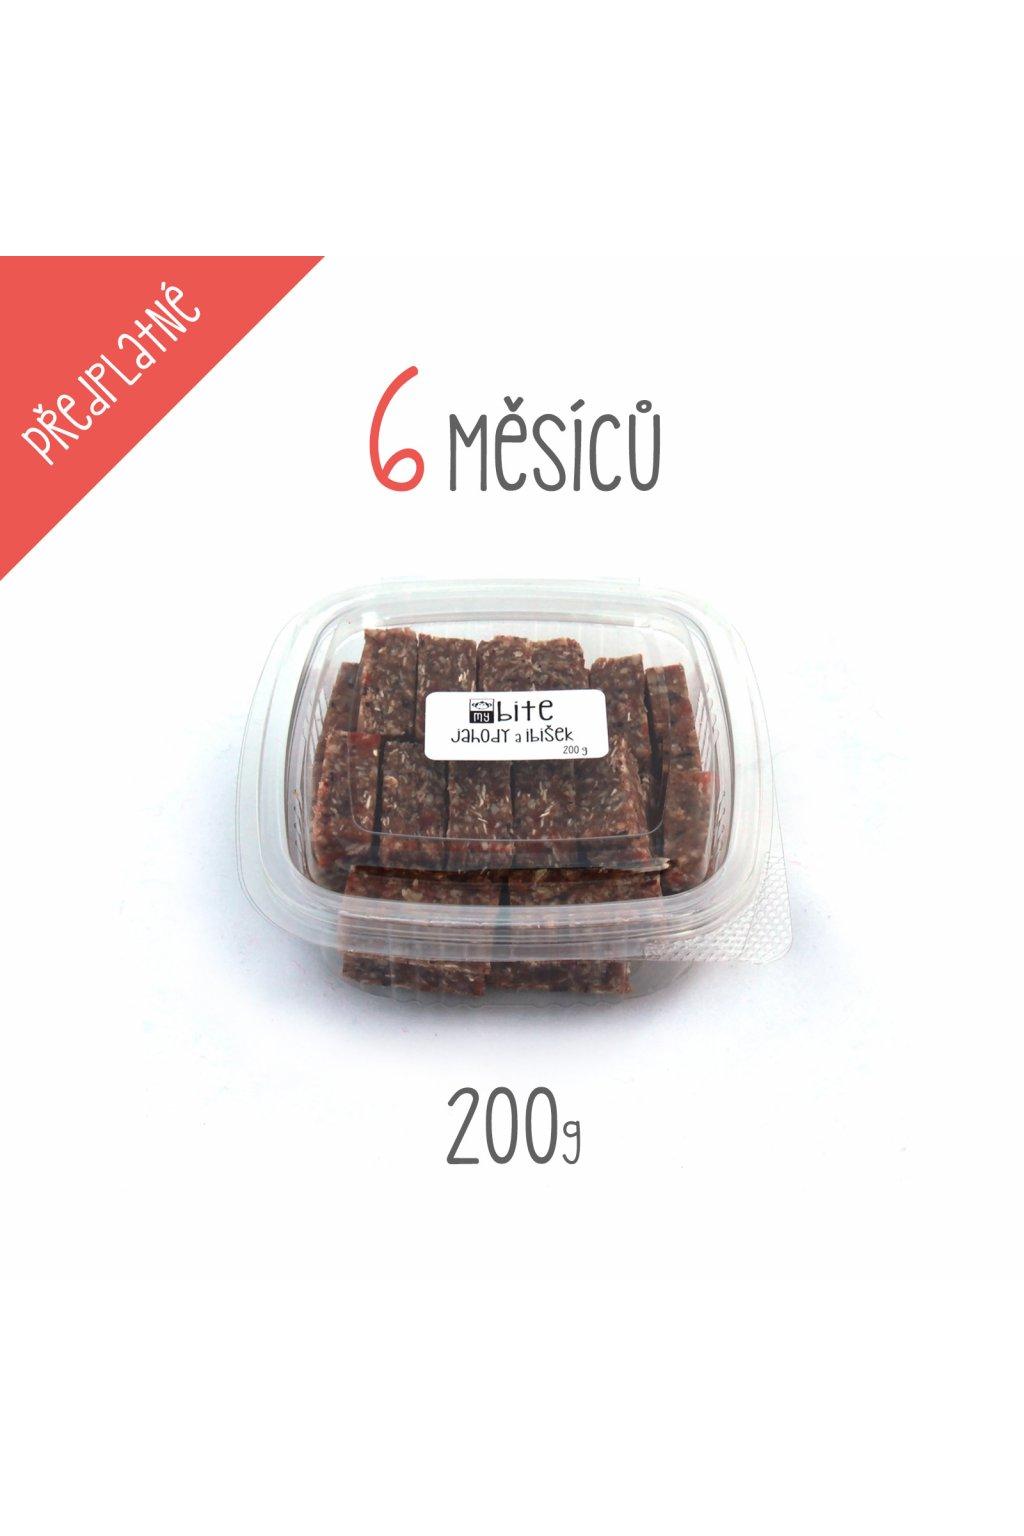 box200gx6